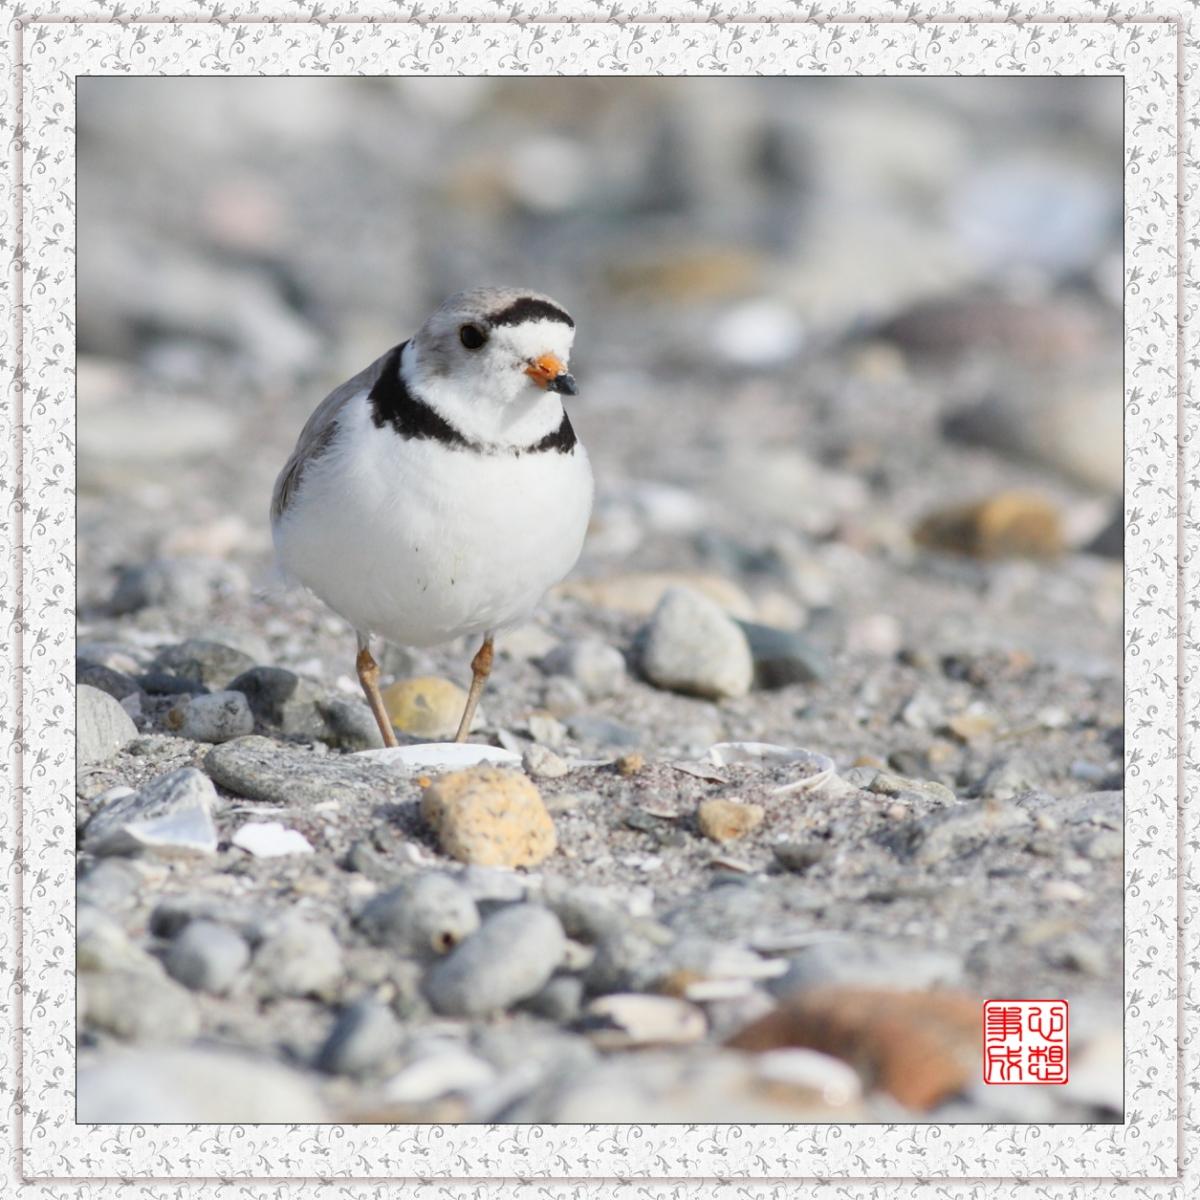 【心想事成】 飞鸟随拍图之二_图1-12